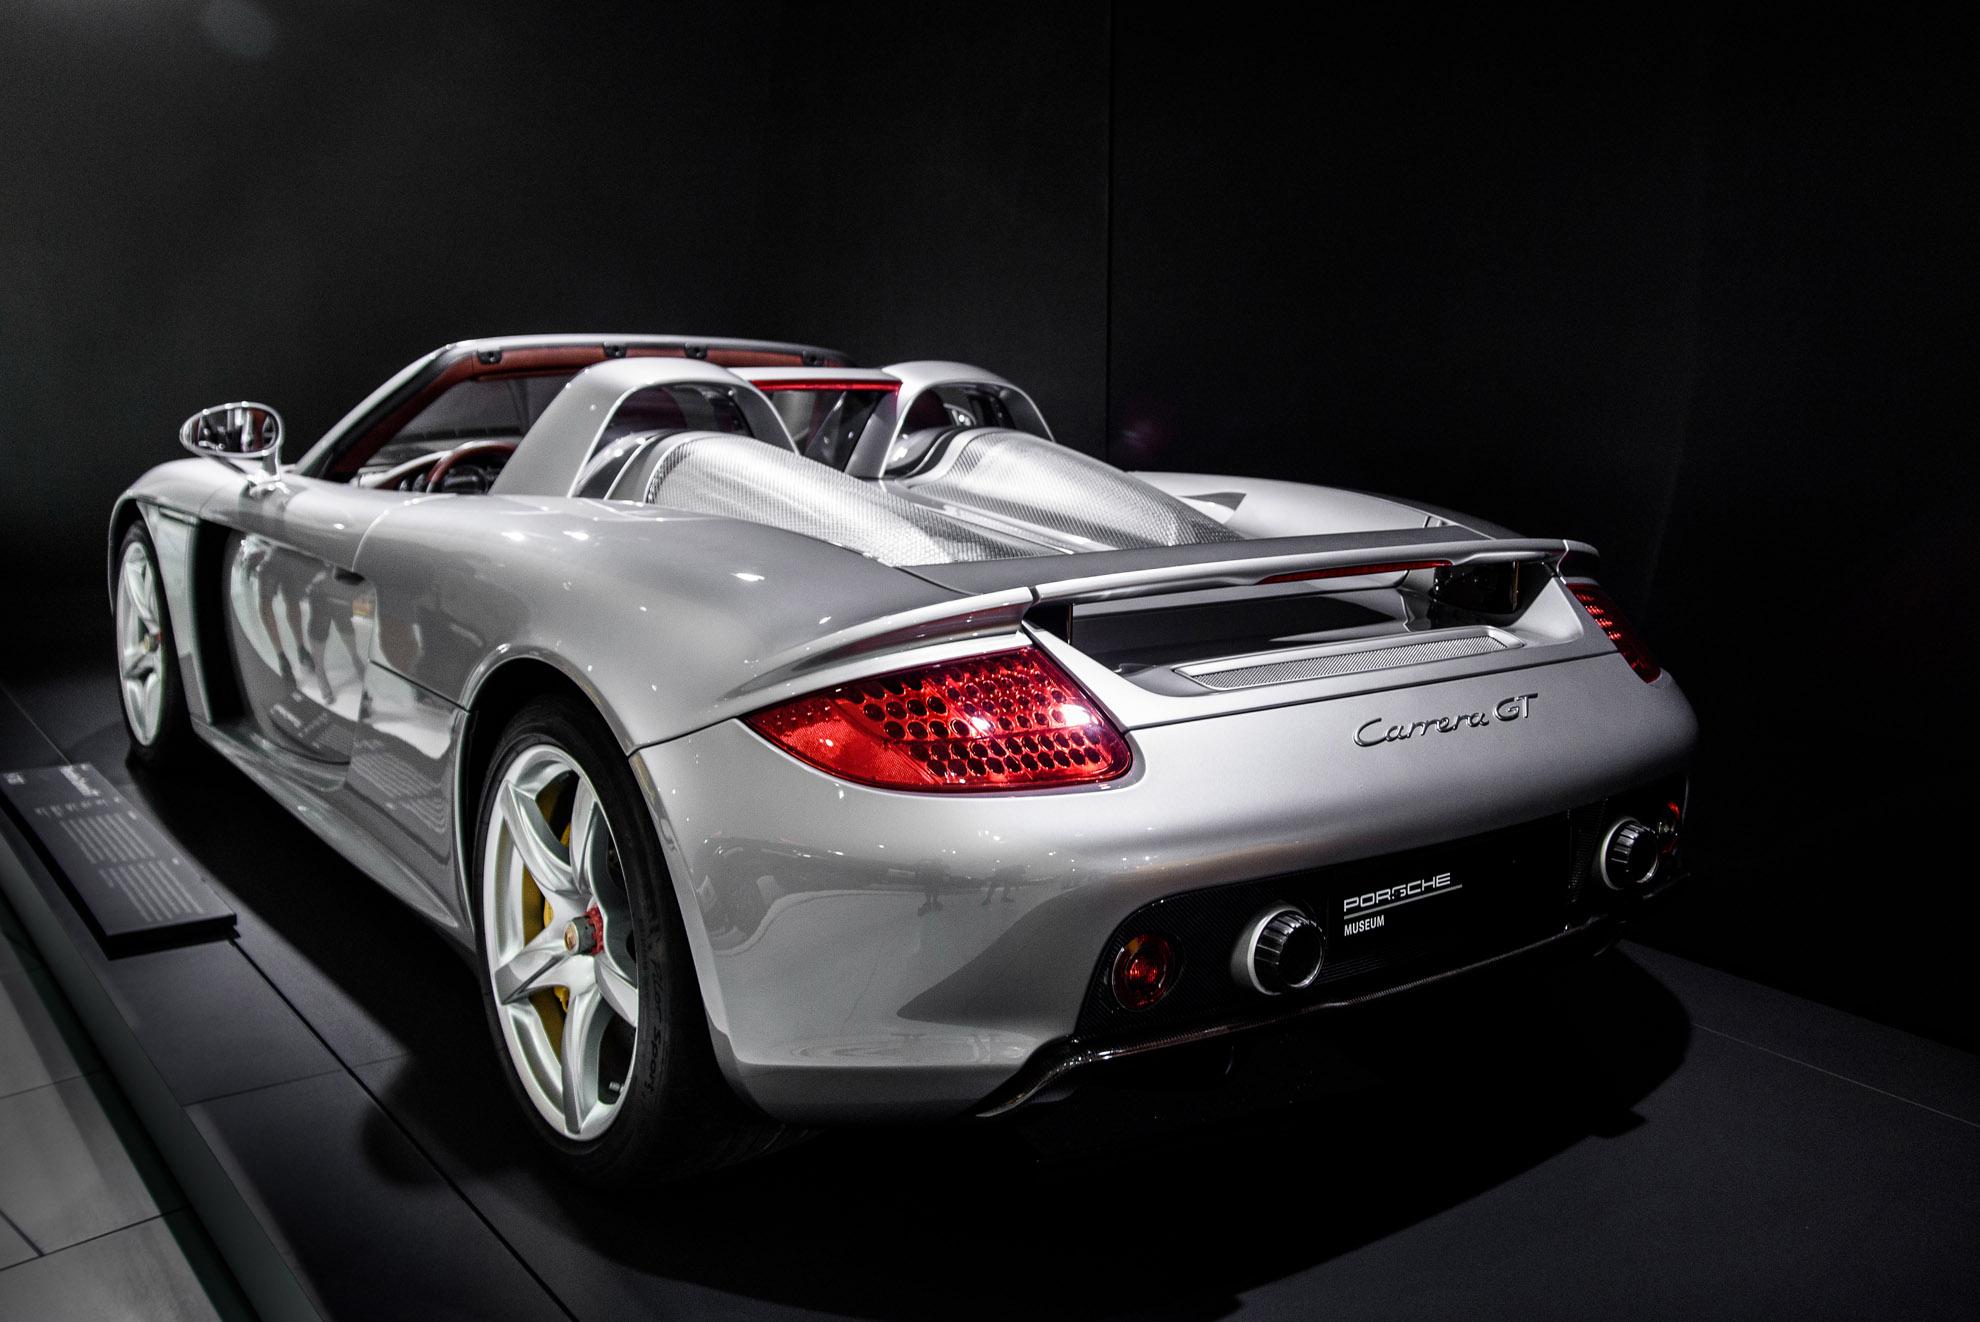 Porsche Carrera GT (2003 r.)